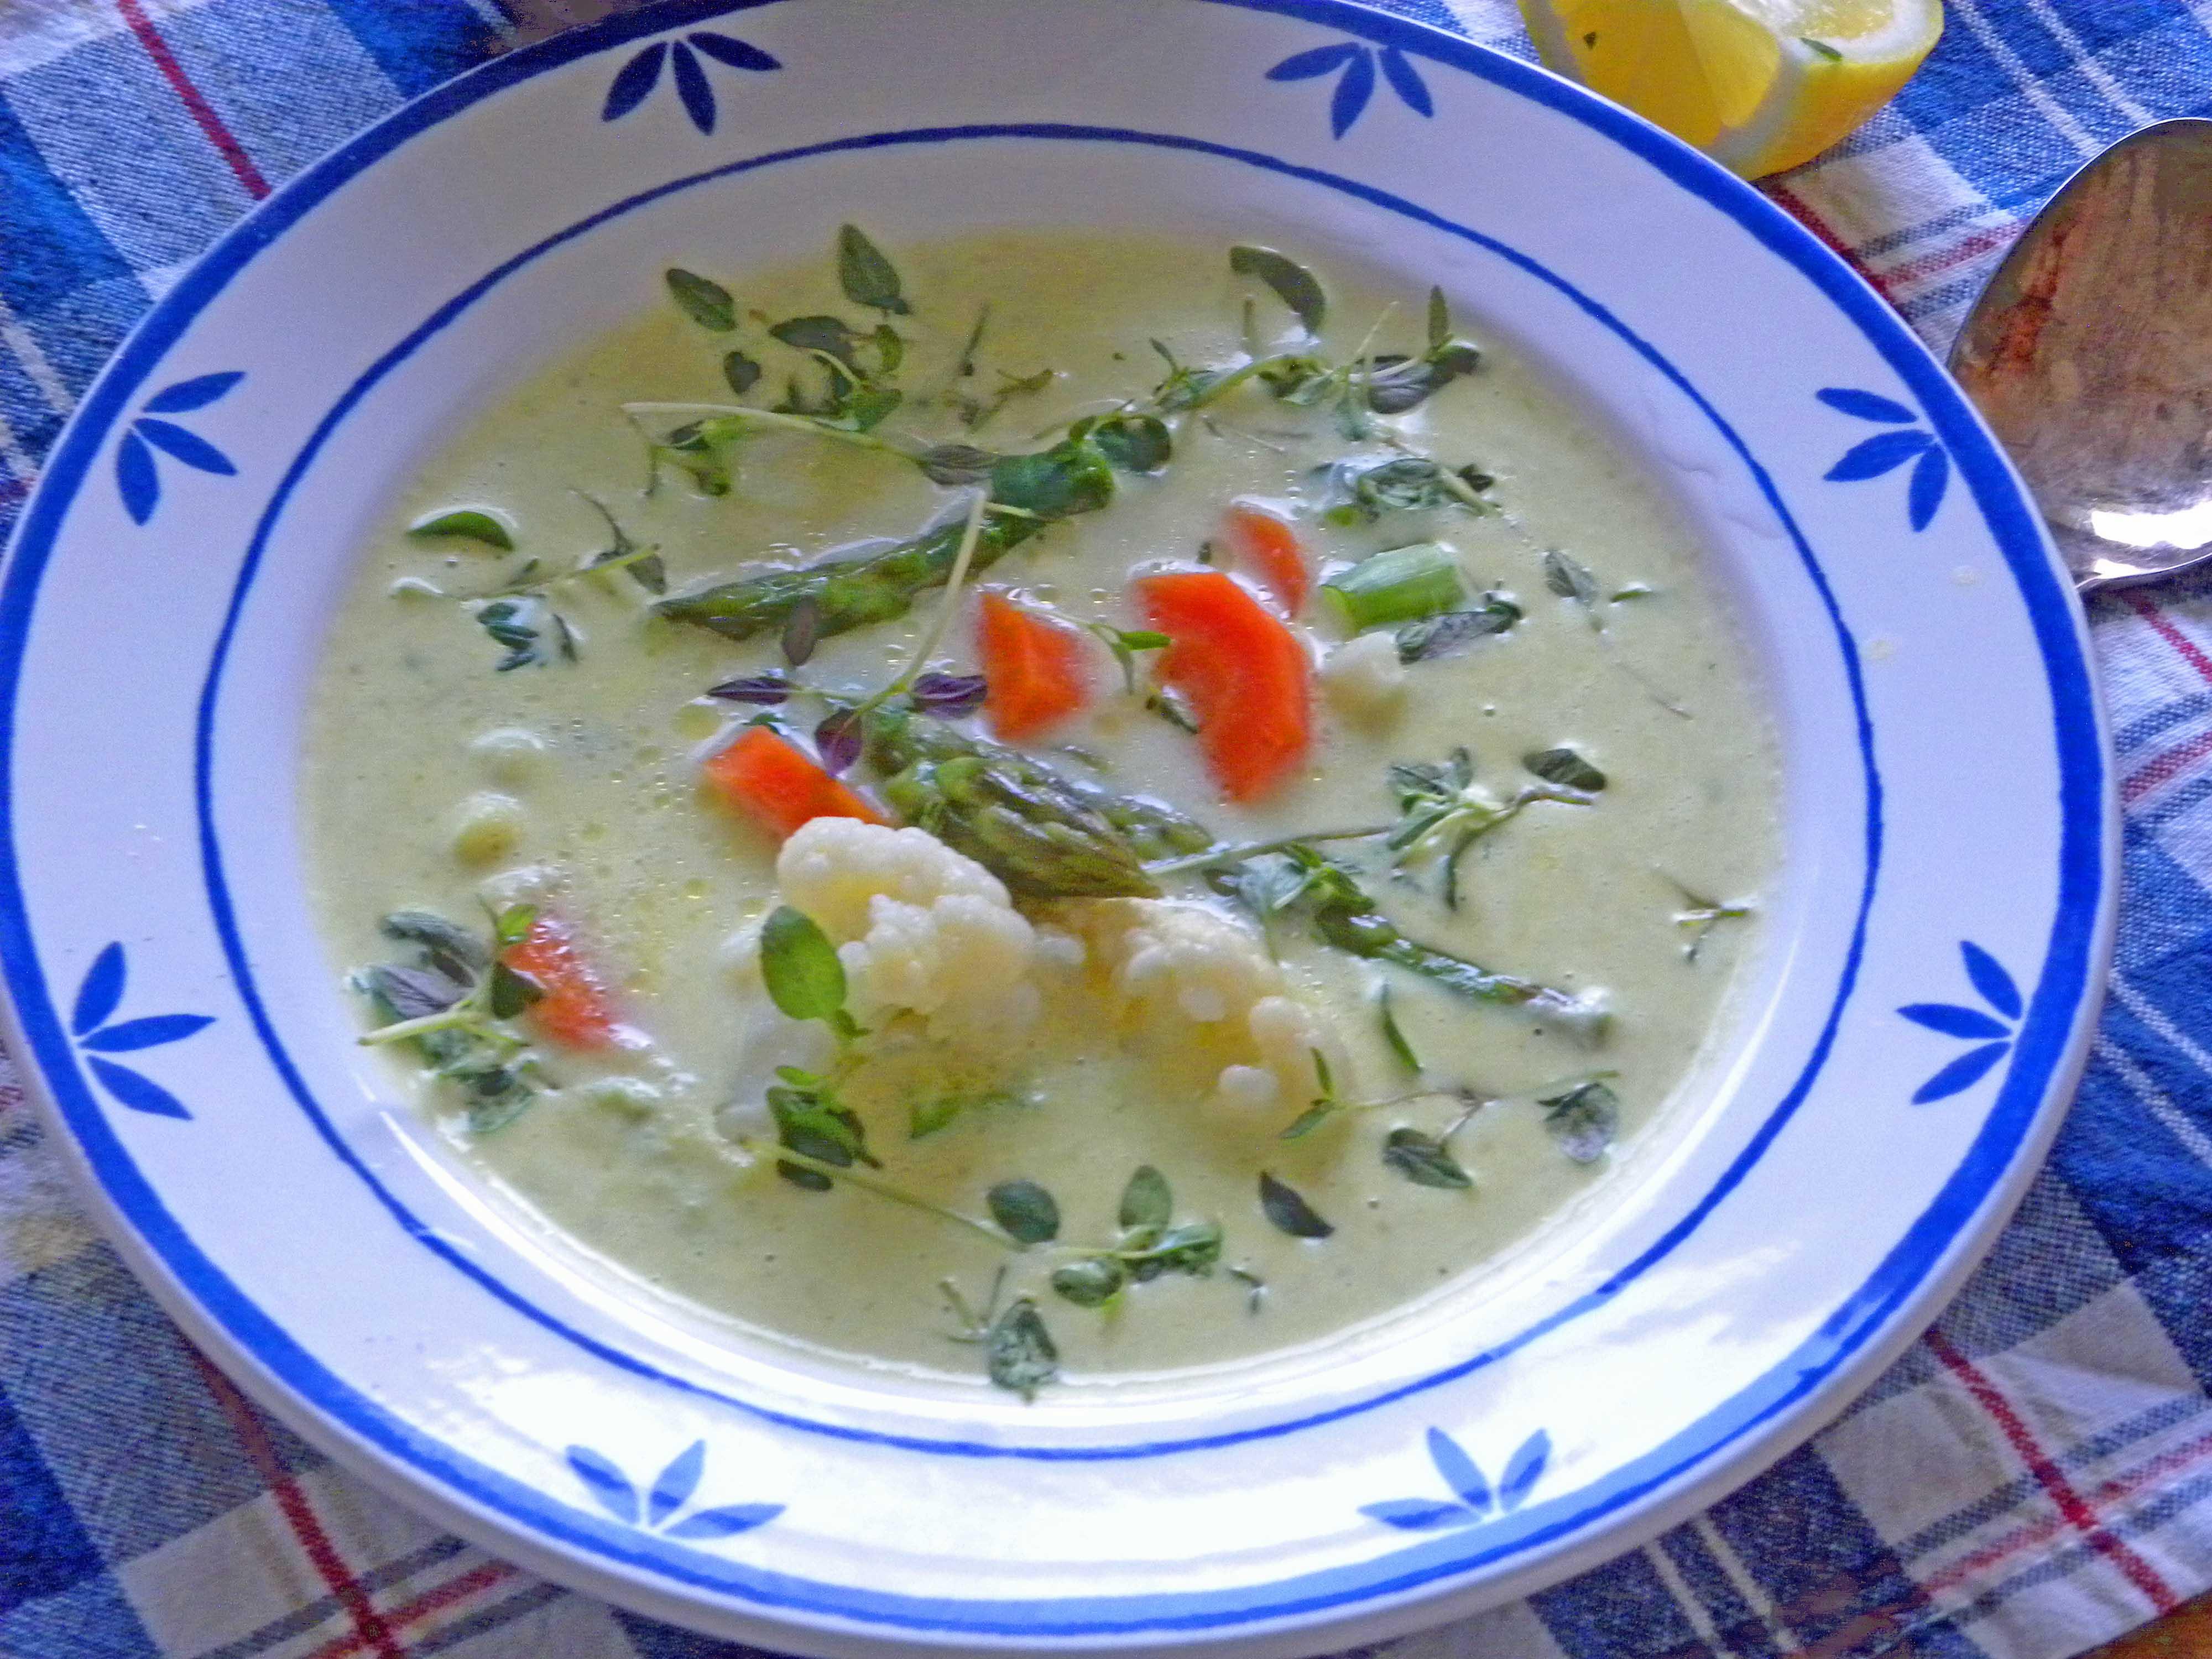 Ängamatsoppa i en vit-blå tallrik